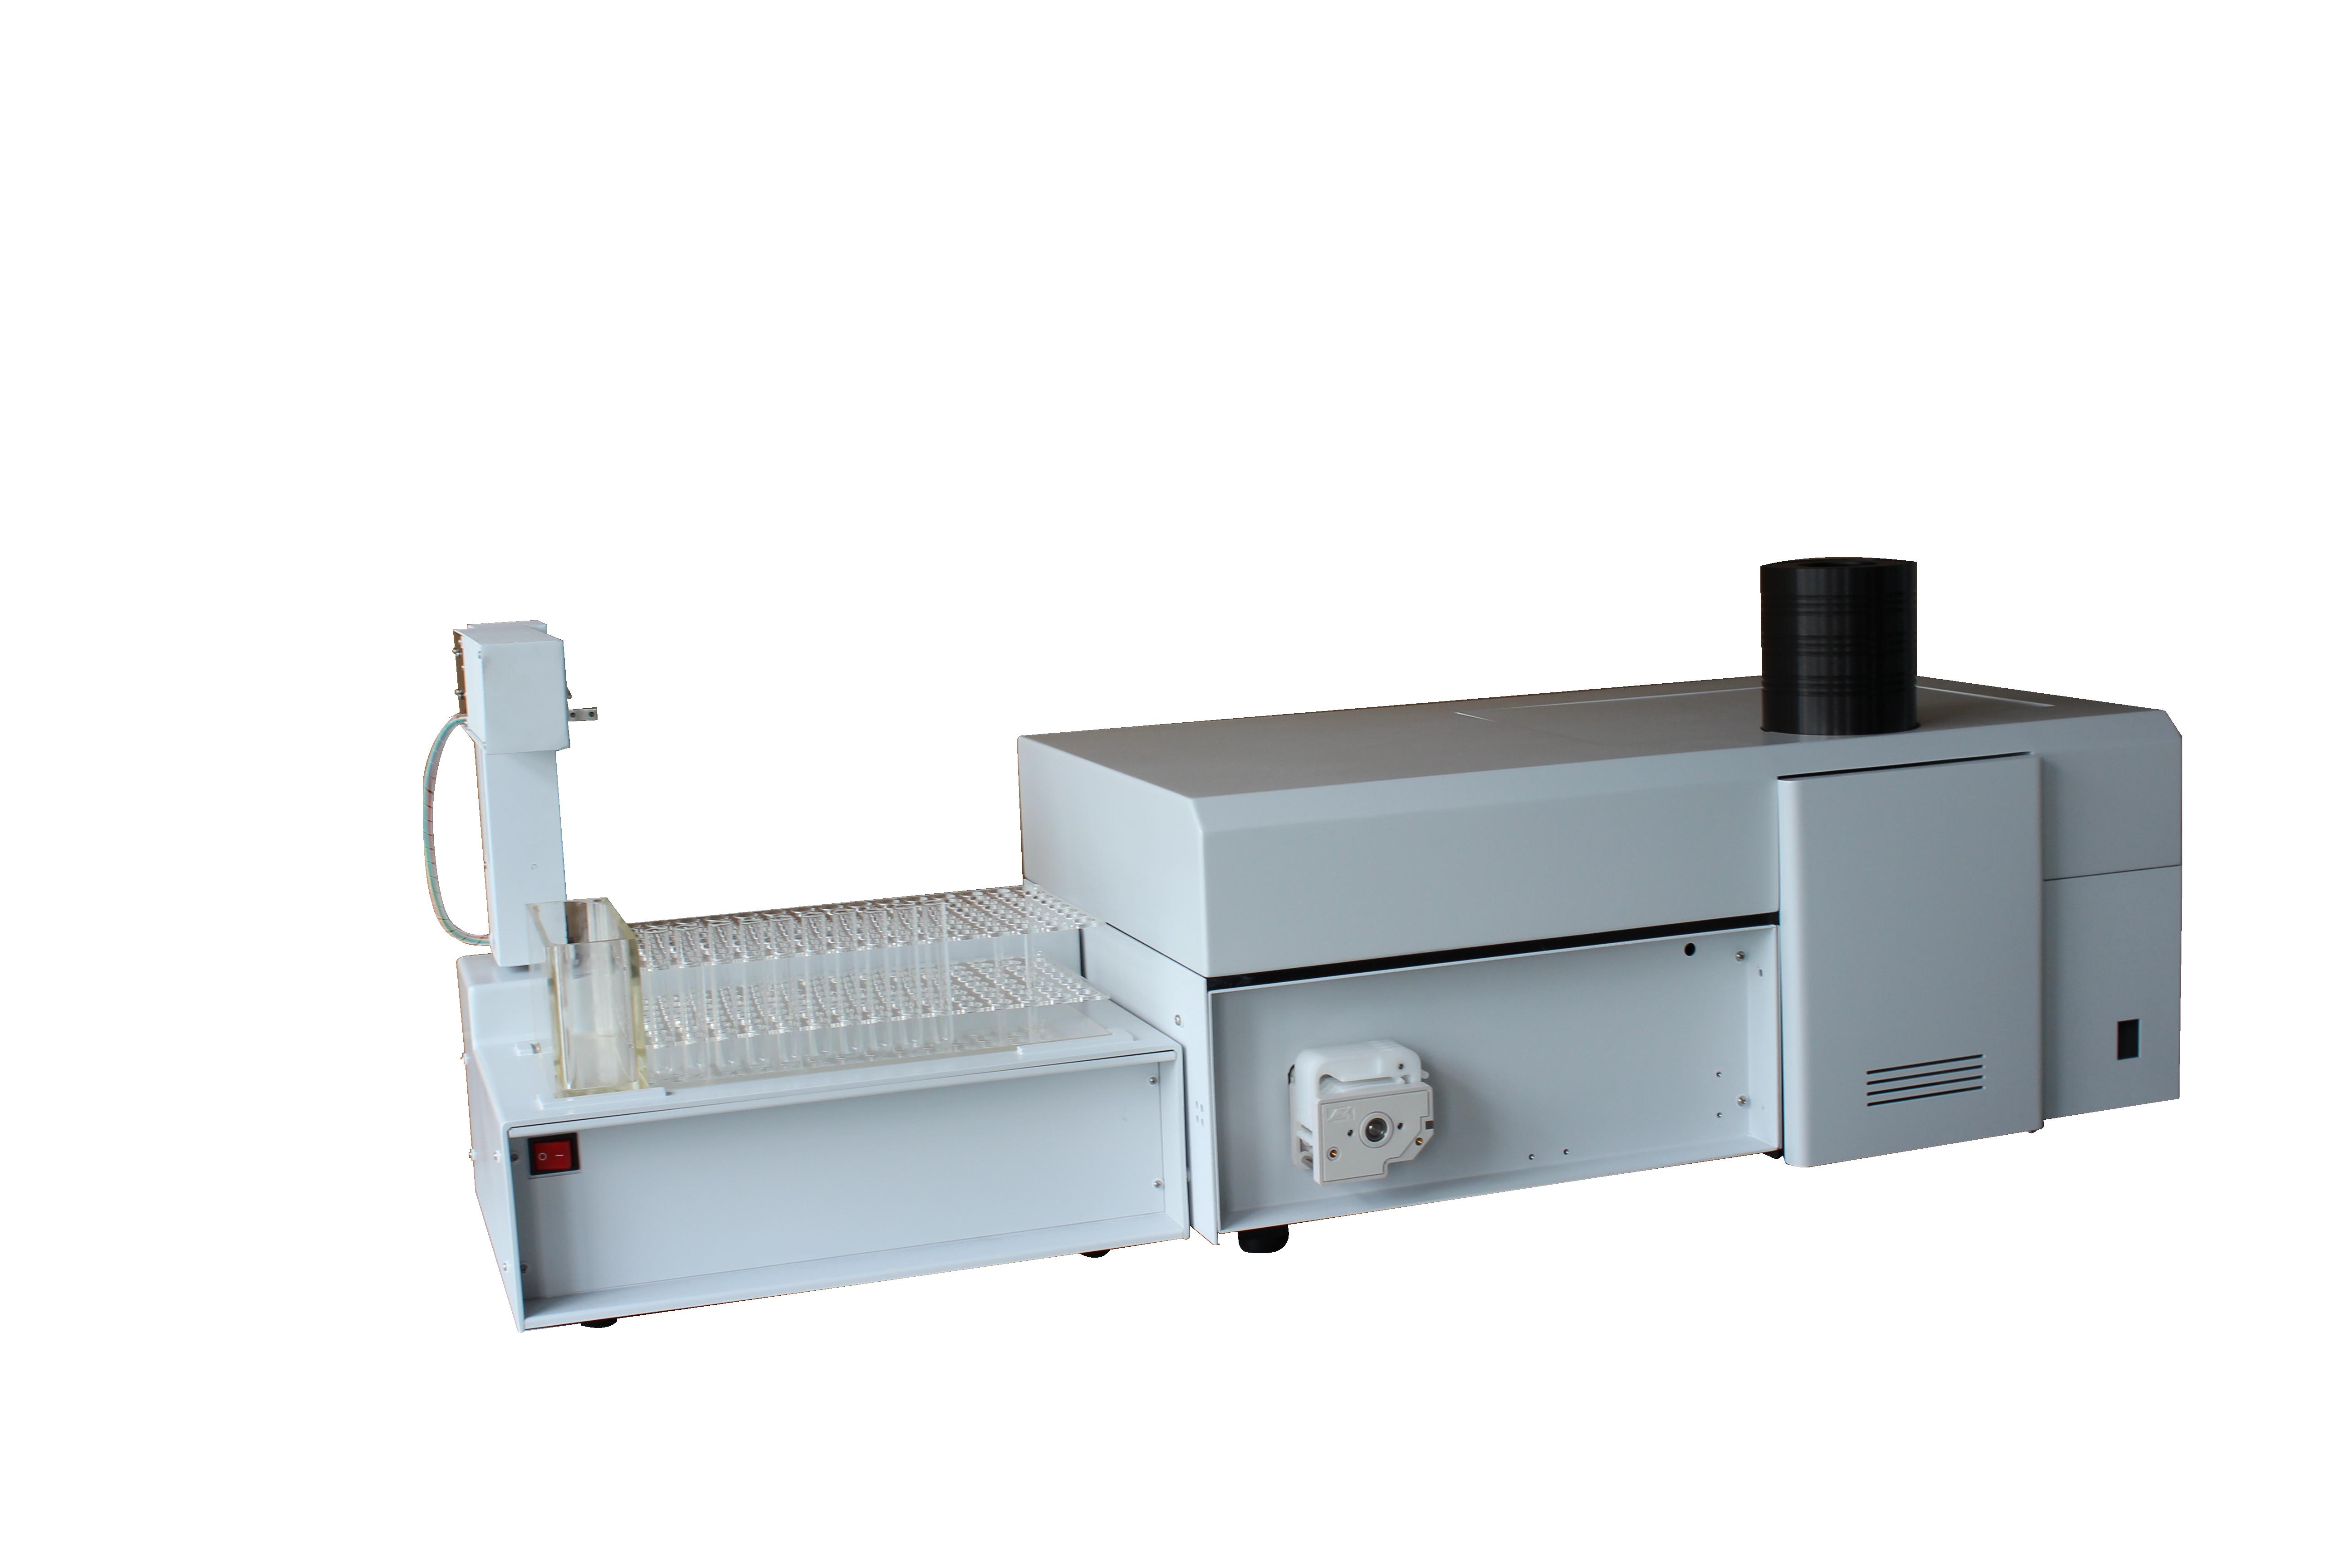 血清分析用原子荧光光谱仪